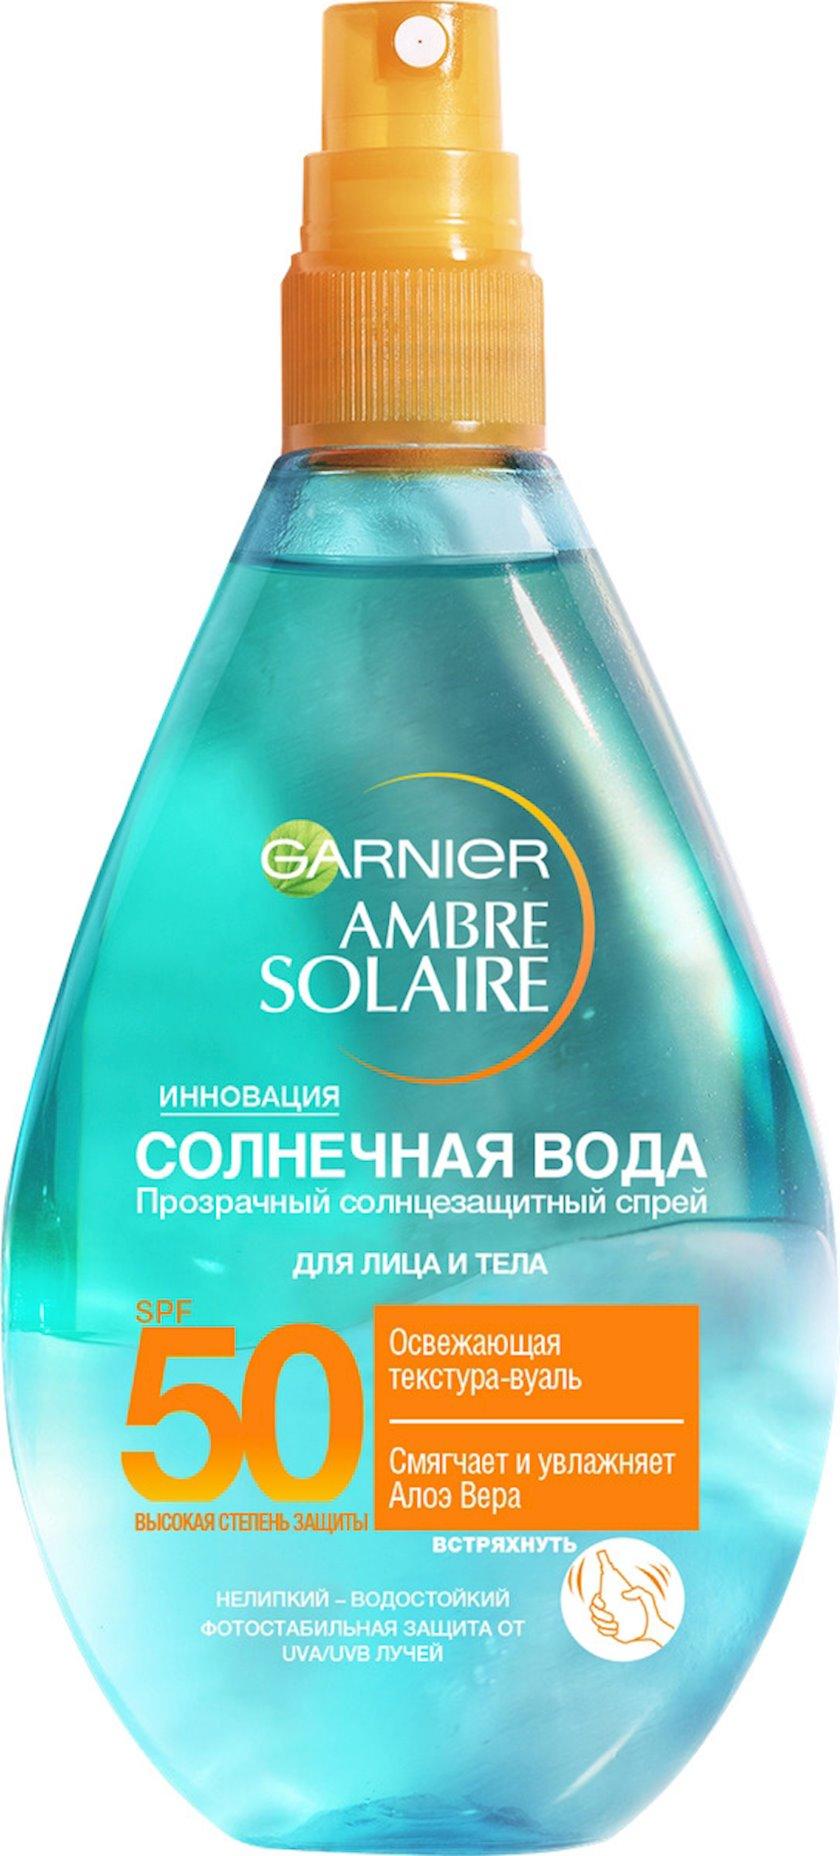 Günəşdən qoruyucu bədən spreyi Garnier Ambre Solaire günəş suyu, təravətləndirən SPF 50, 150 ml